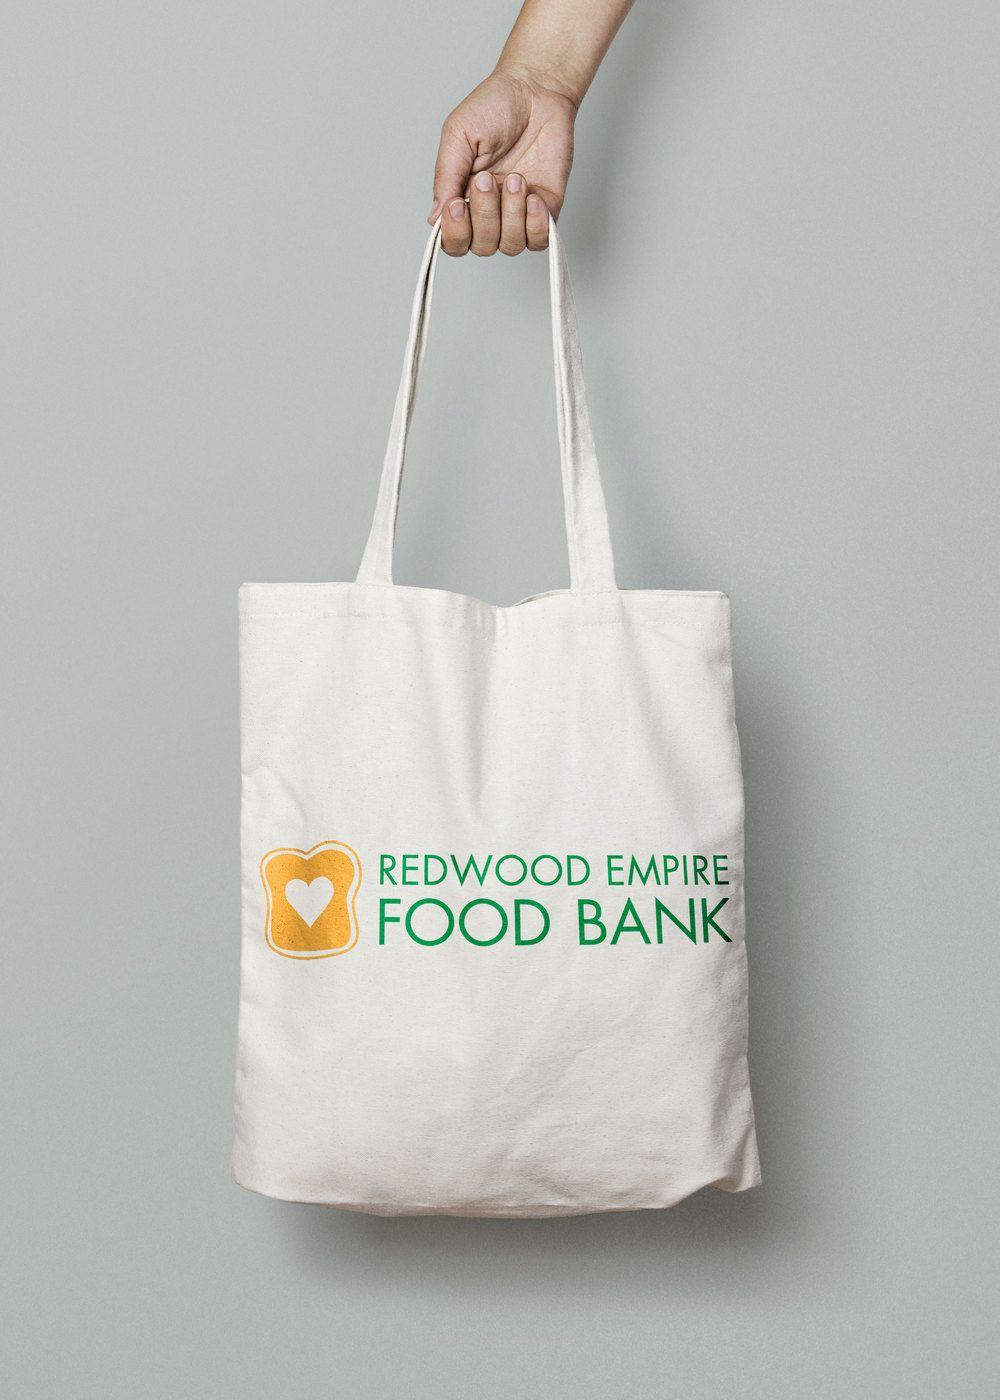 Redwood empire food bank rebrand city tote bag tote